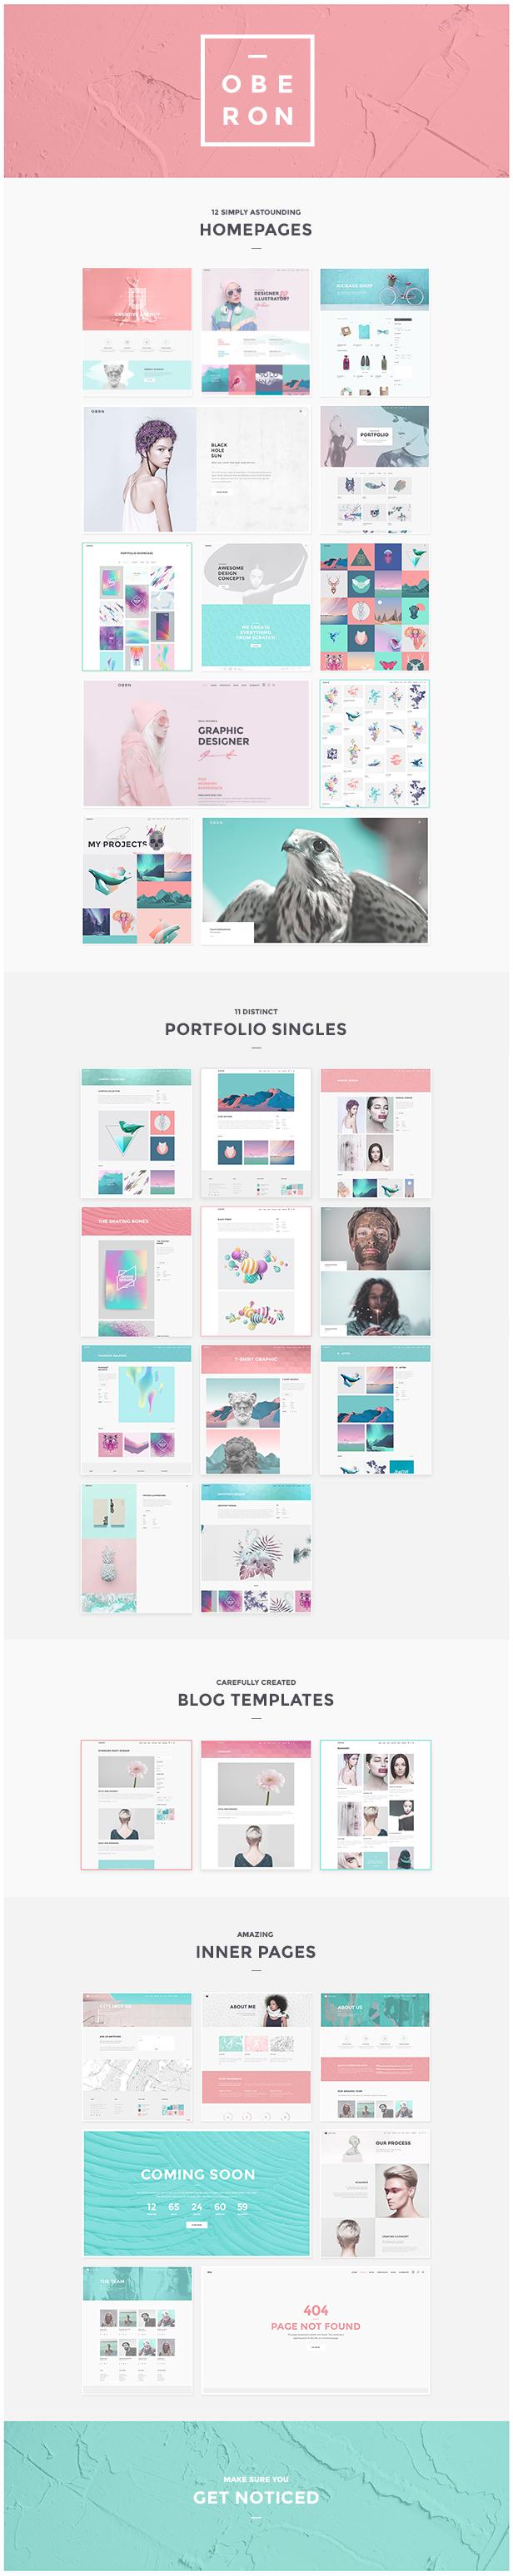 Oberon - Freelancer Portfolio Theme - 1